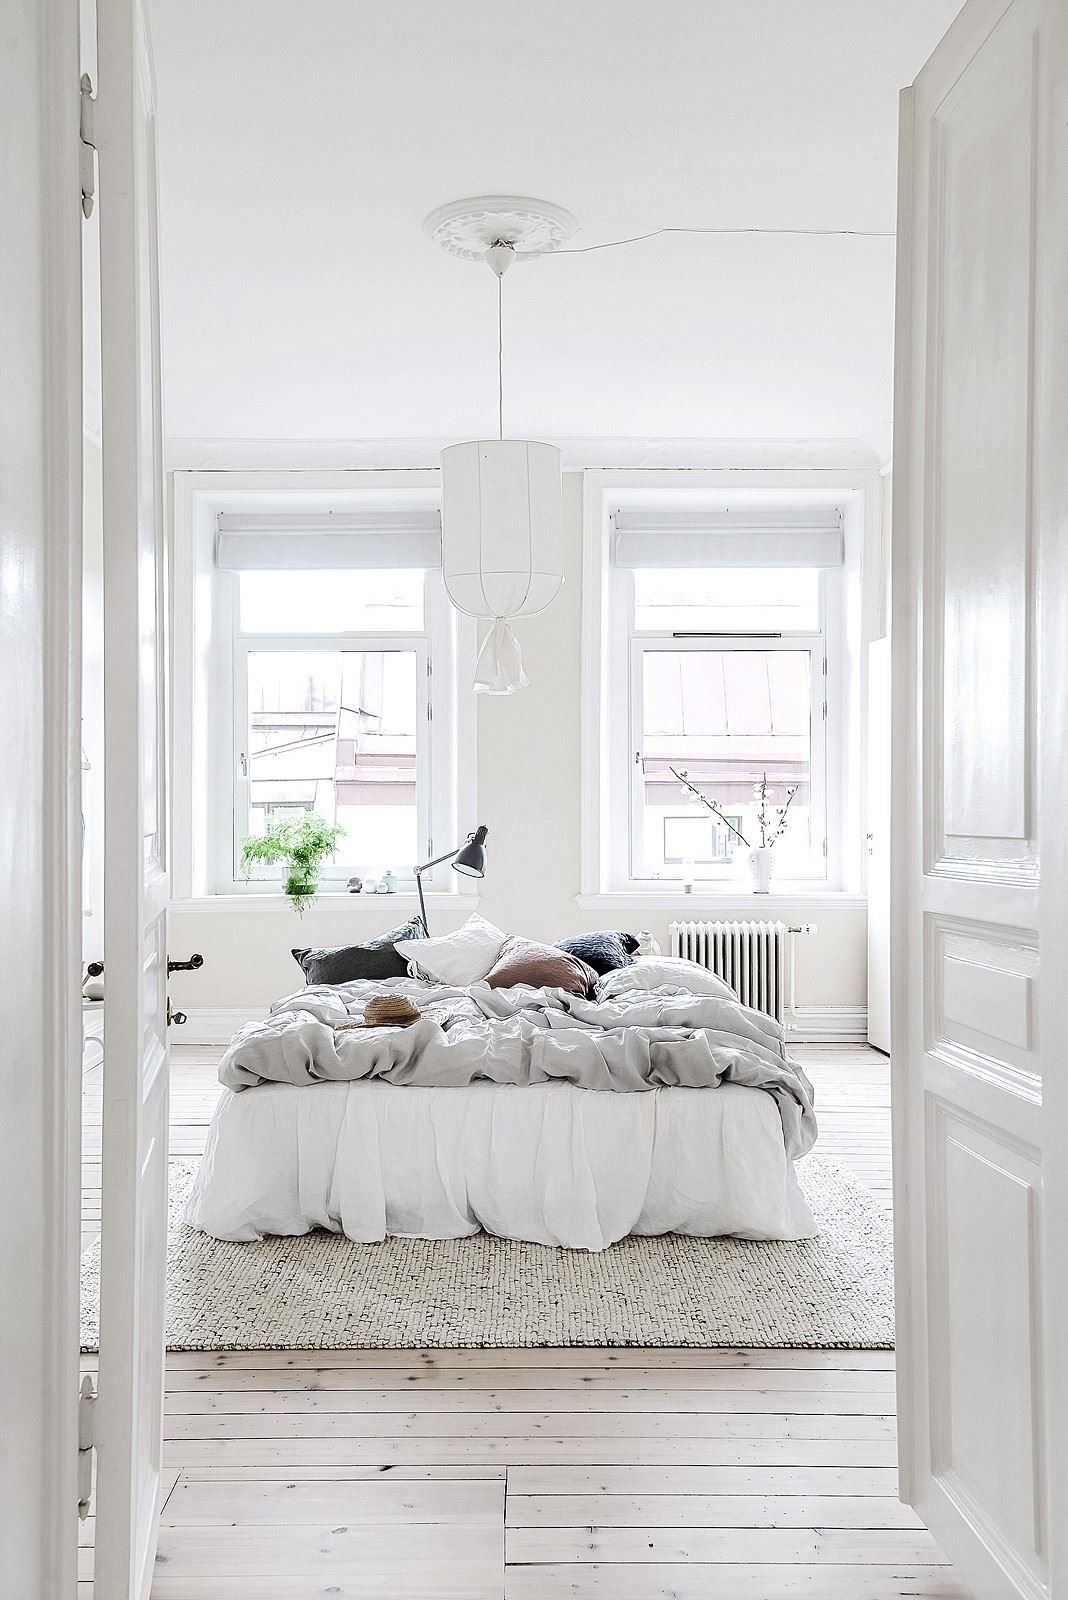 gro e schlafzimmer einrichten wohntrends 2017 deko m bel farben and co navy is the. Black Bedroom Furniture Sets. Home Design Ideas